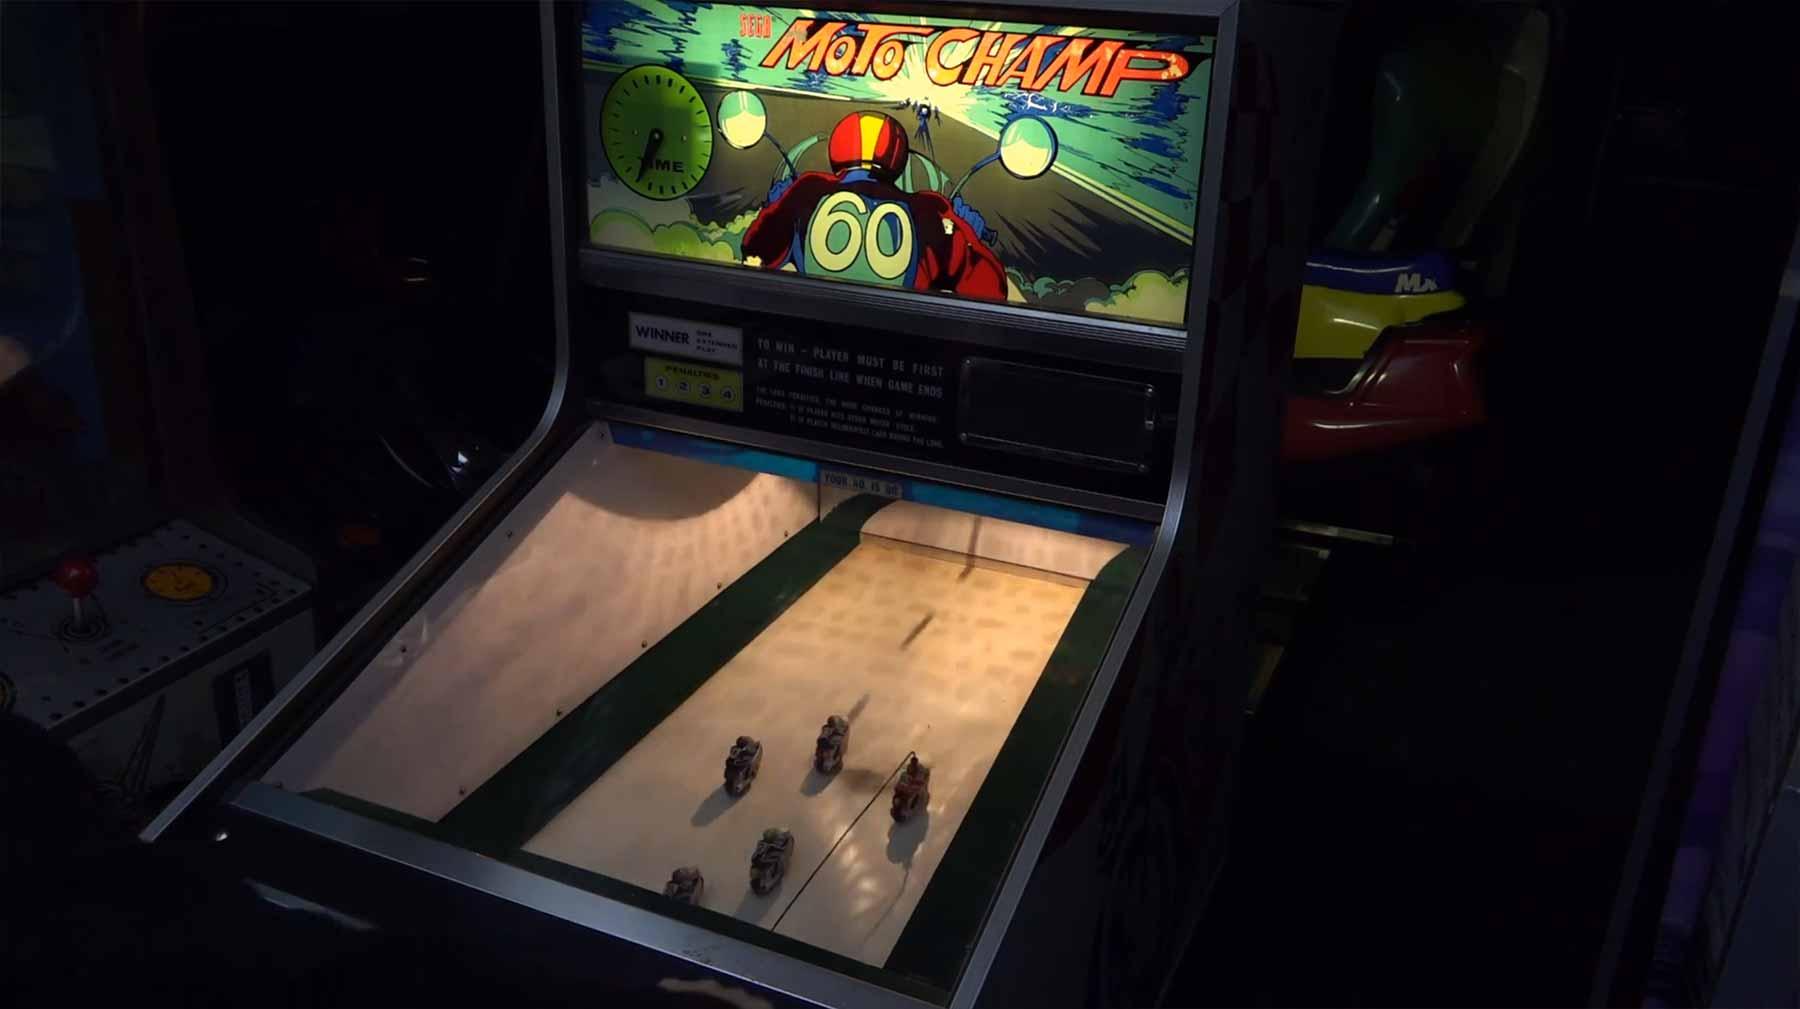 Mechanischer Spielautomat von 1973: SEGA Moto Champ SEGA-moto-champ-1973-arcade